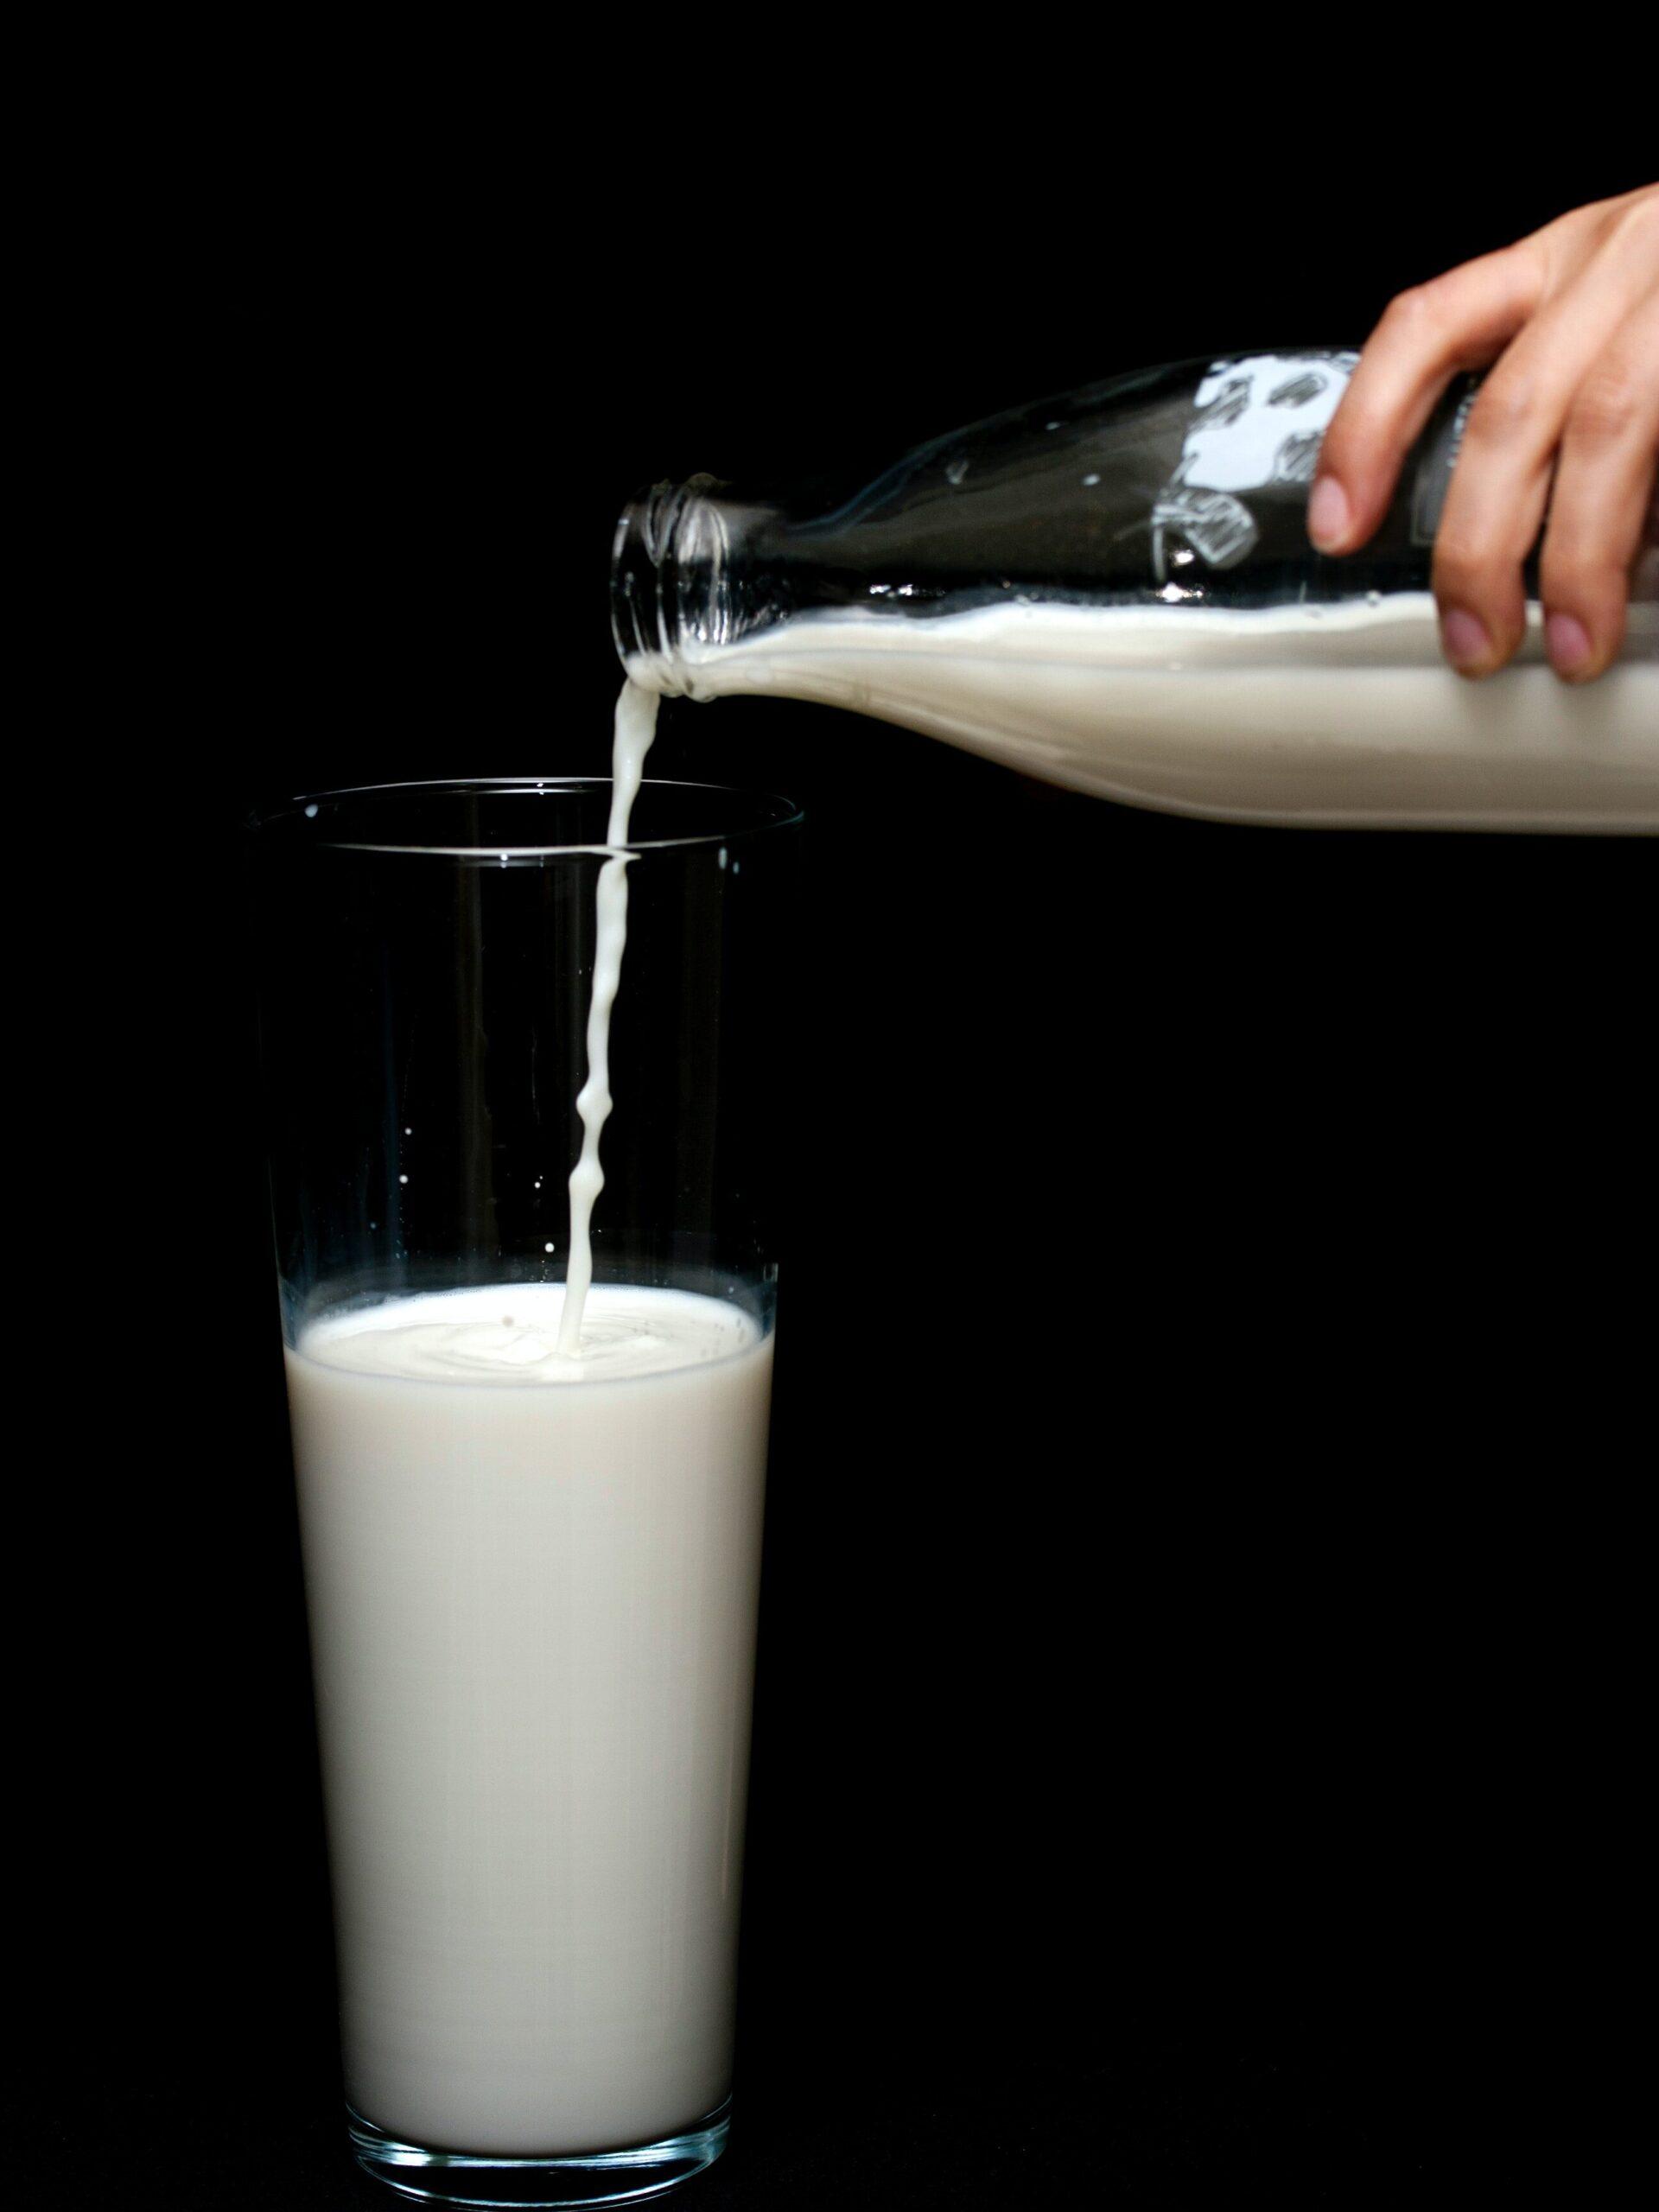 Kookroom vervangen door melk